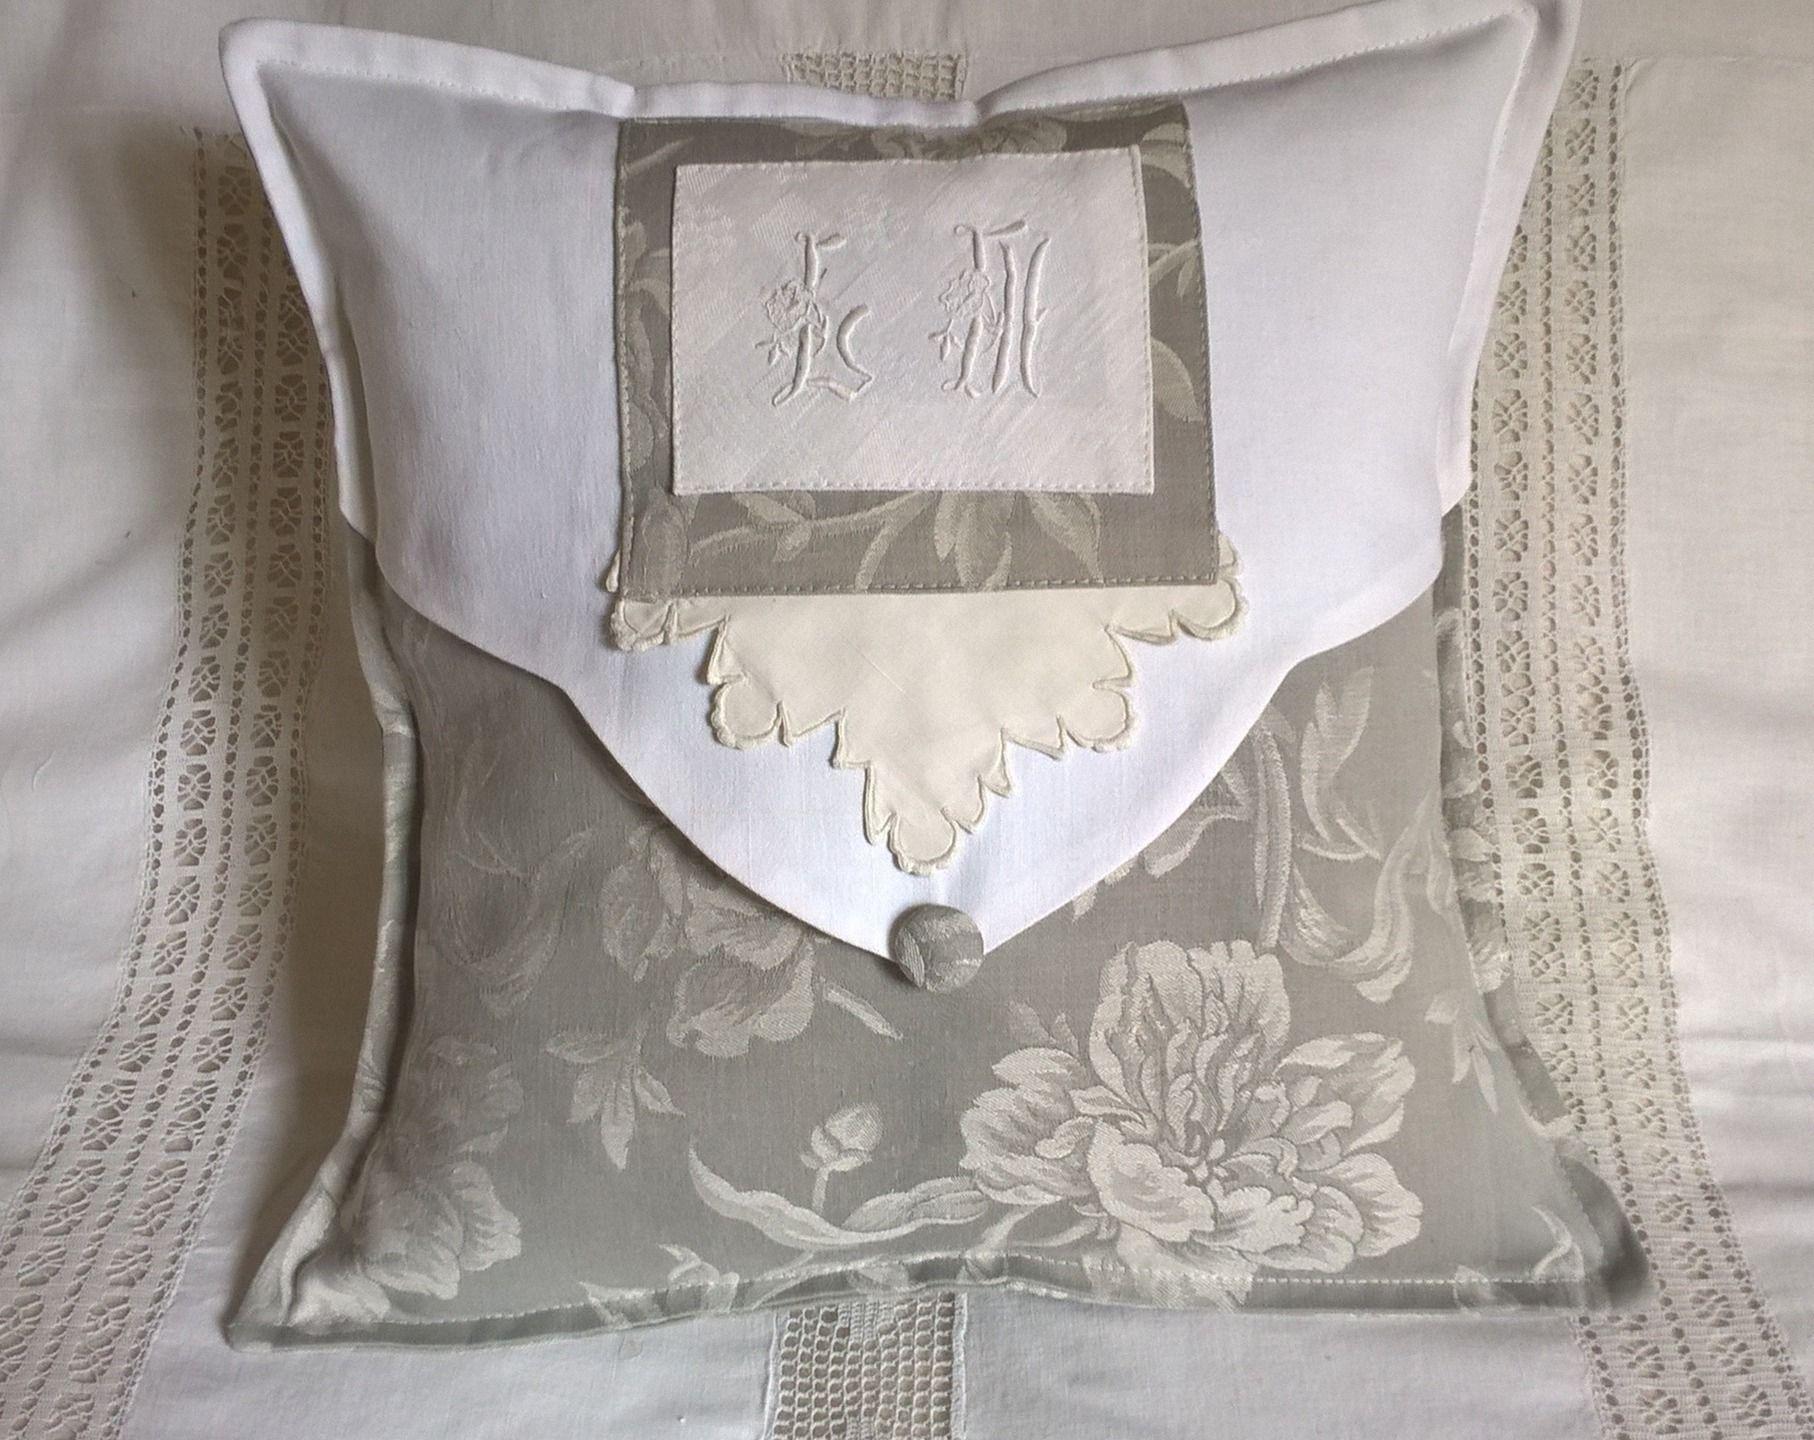 housse de coussin shabby en toile a matelas grise et ecrue et monogramme ancien linge ancien. Black Bedroom Furniture Sets. Home Design Ideas